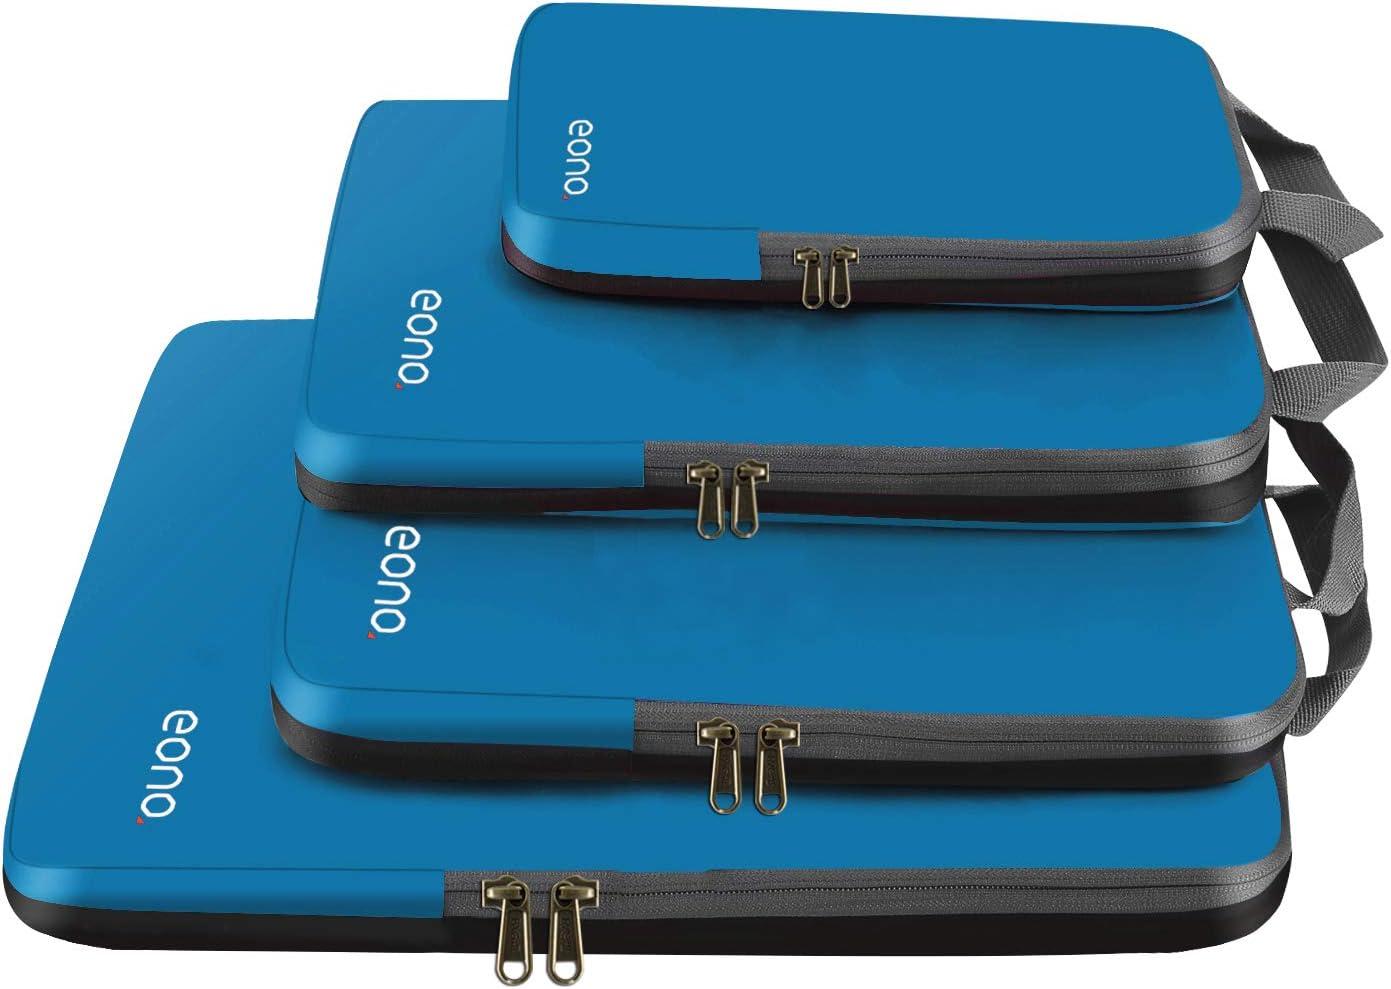 Eono by Amazon - Organizadores de Viaje de compresión expandibles, Impermeable Organizador para Maletas, Organizador de Equipaje, Cubos de Embalaje, Compression Packing Cubes, Azul Oscuro, 4 Set